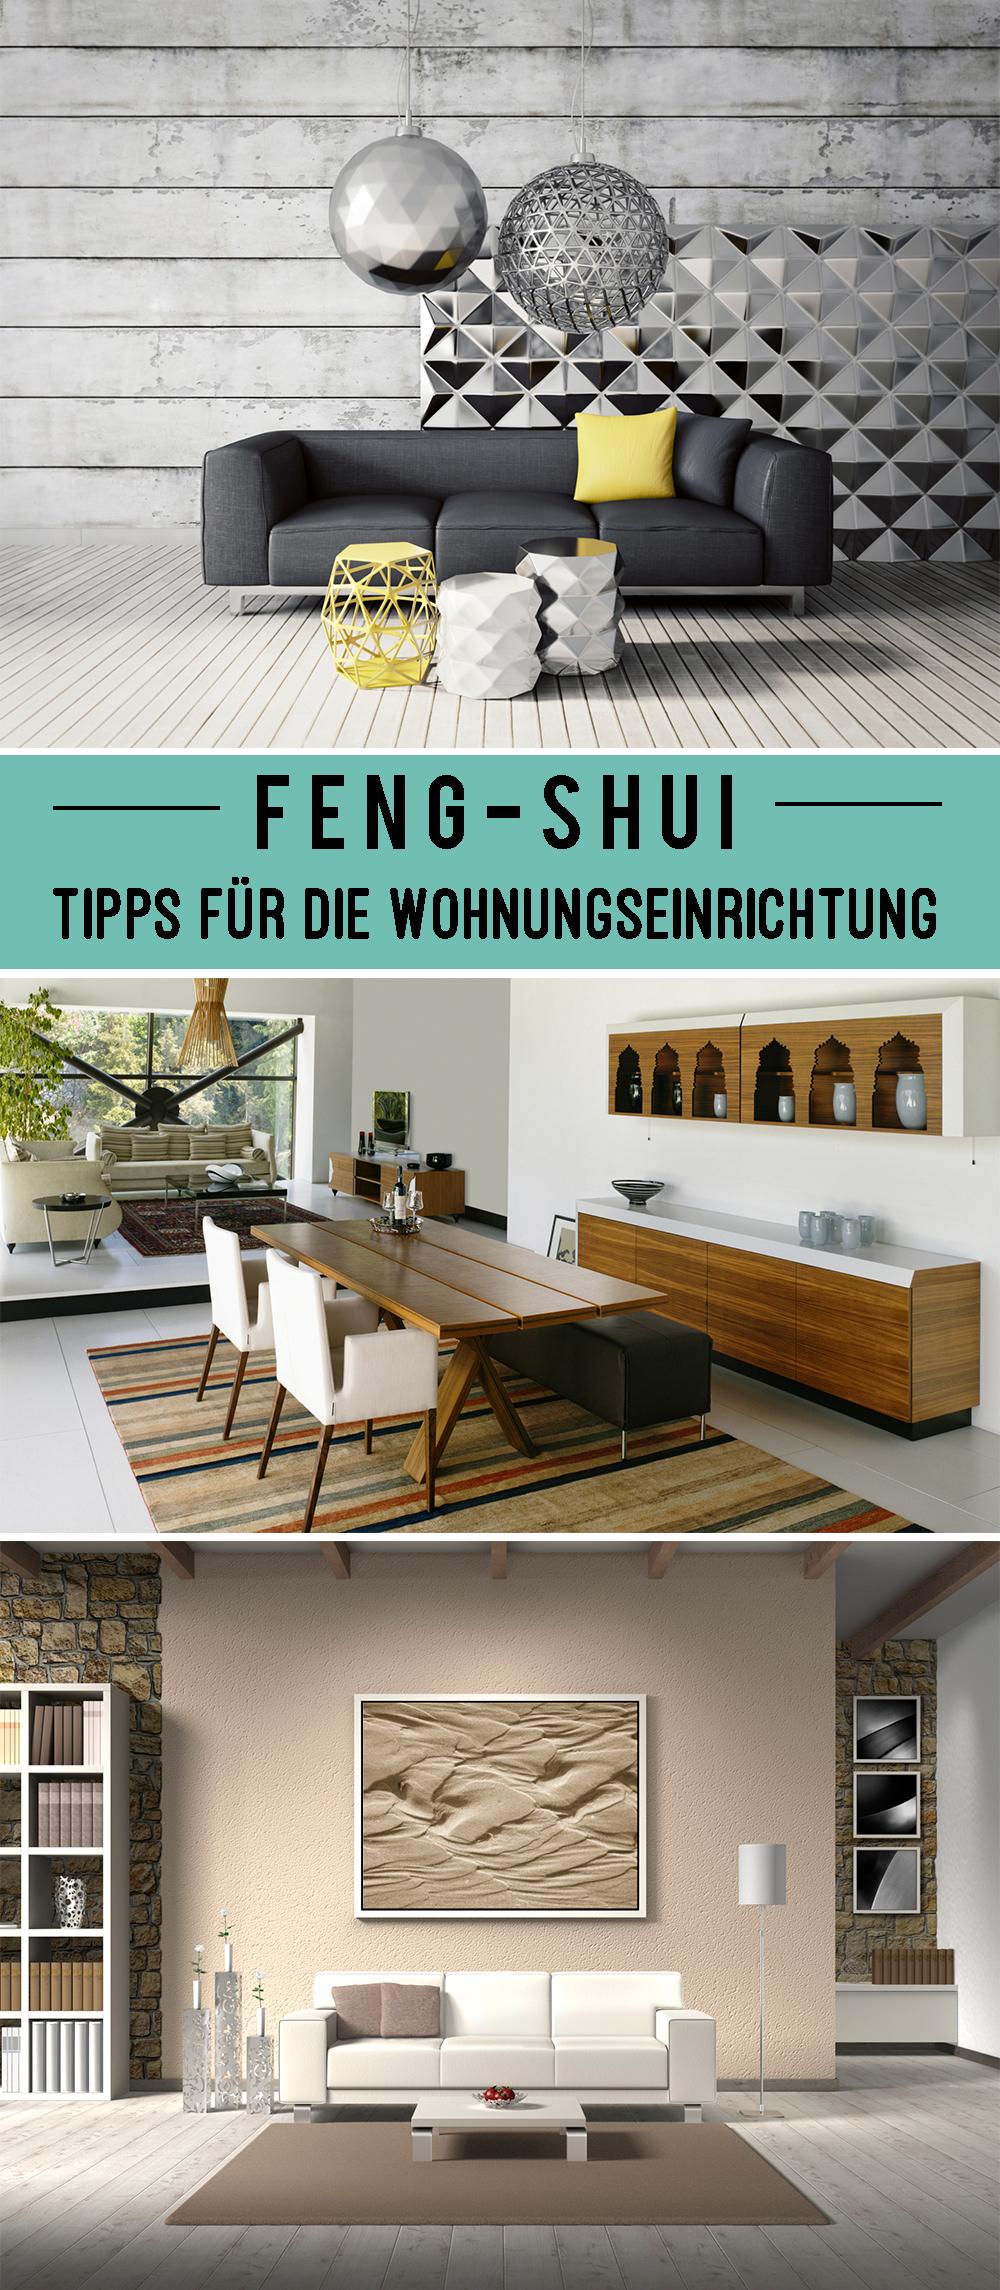 feng shui die besten tipps zum einrichten feng shui regeln und wohnungseinrichtung. Black Bedroom Furniture Sets. Home Design Ideas